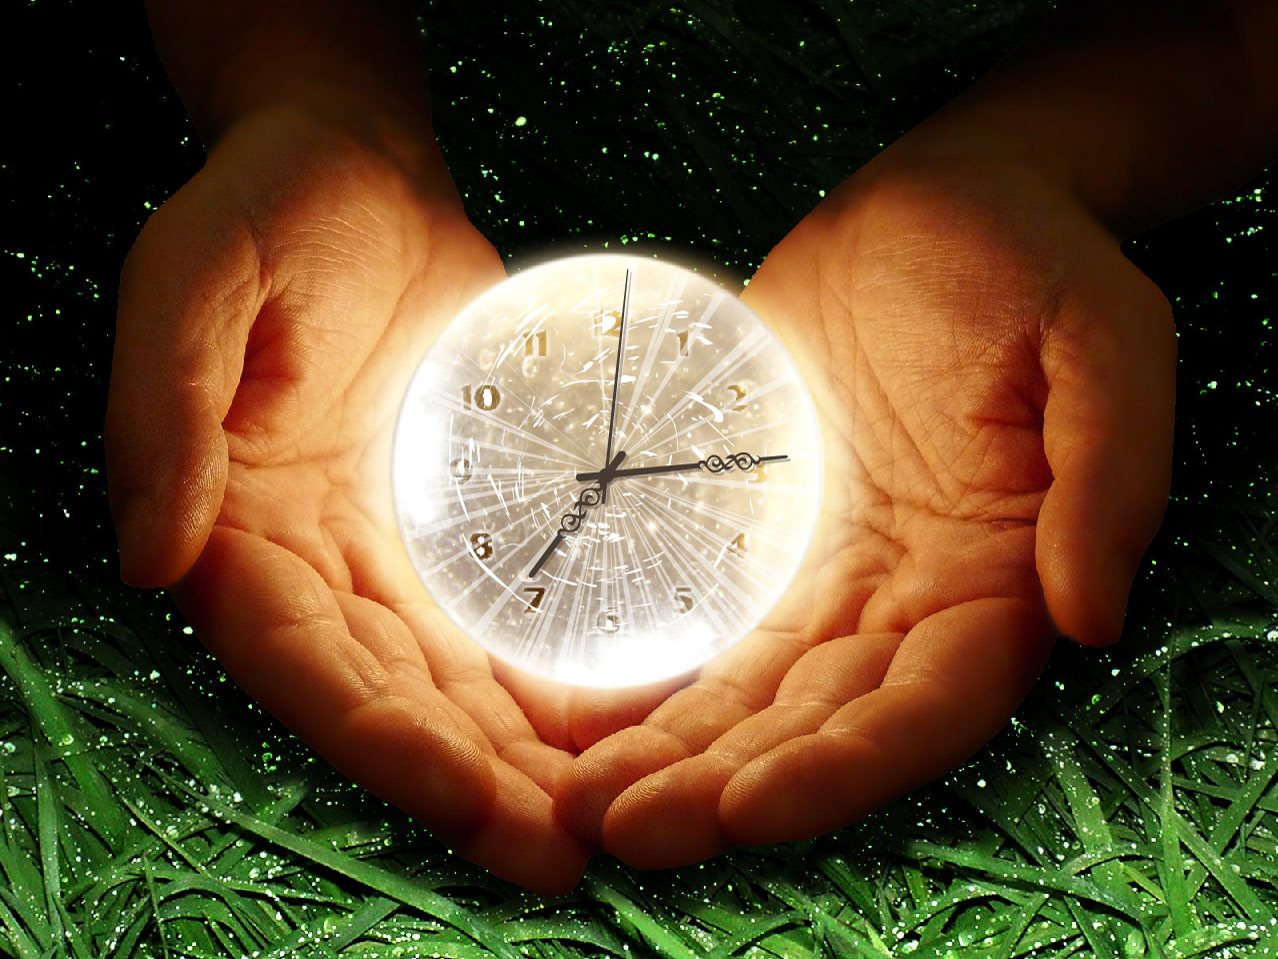 Магия - колдовство, чародейство, волшебство, обряды, связанные с верой